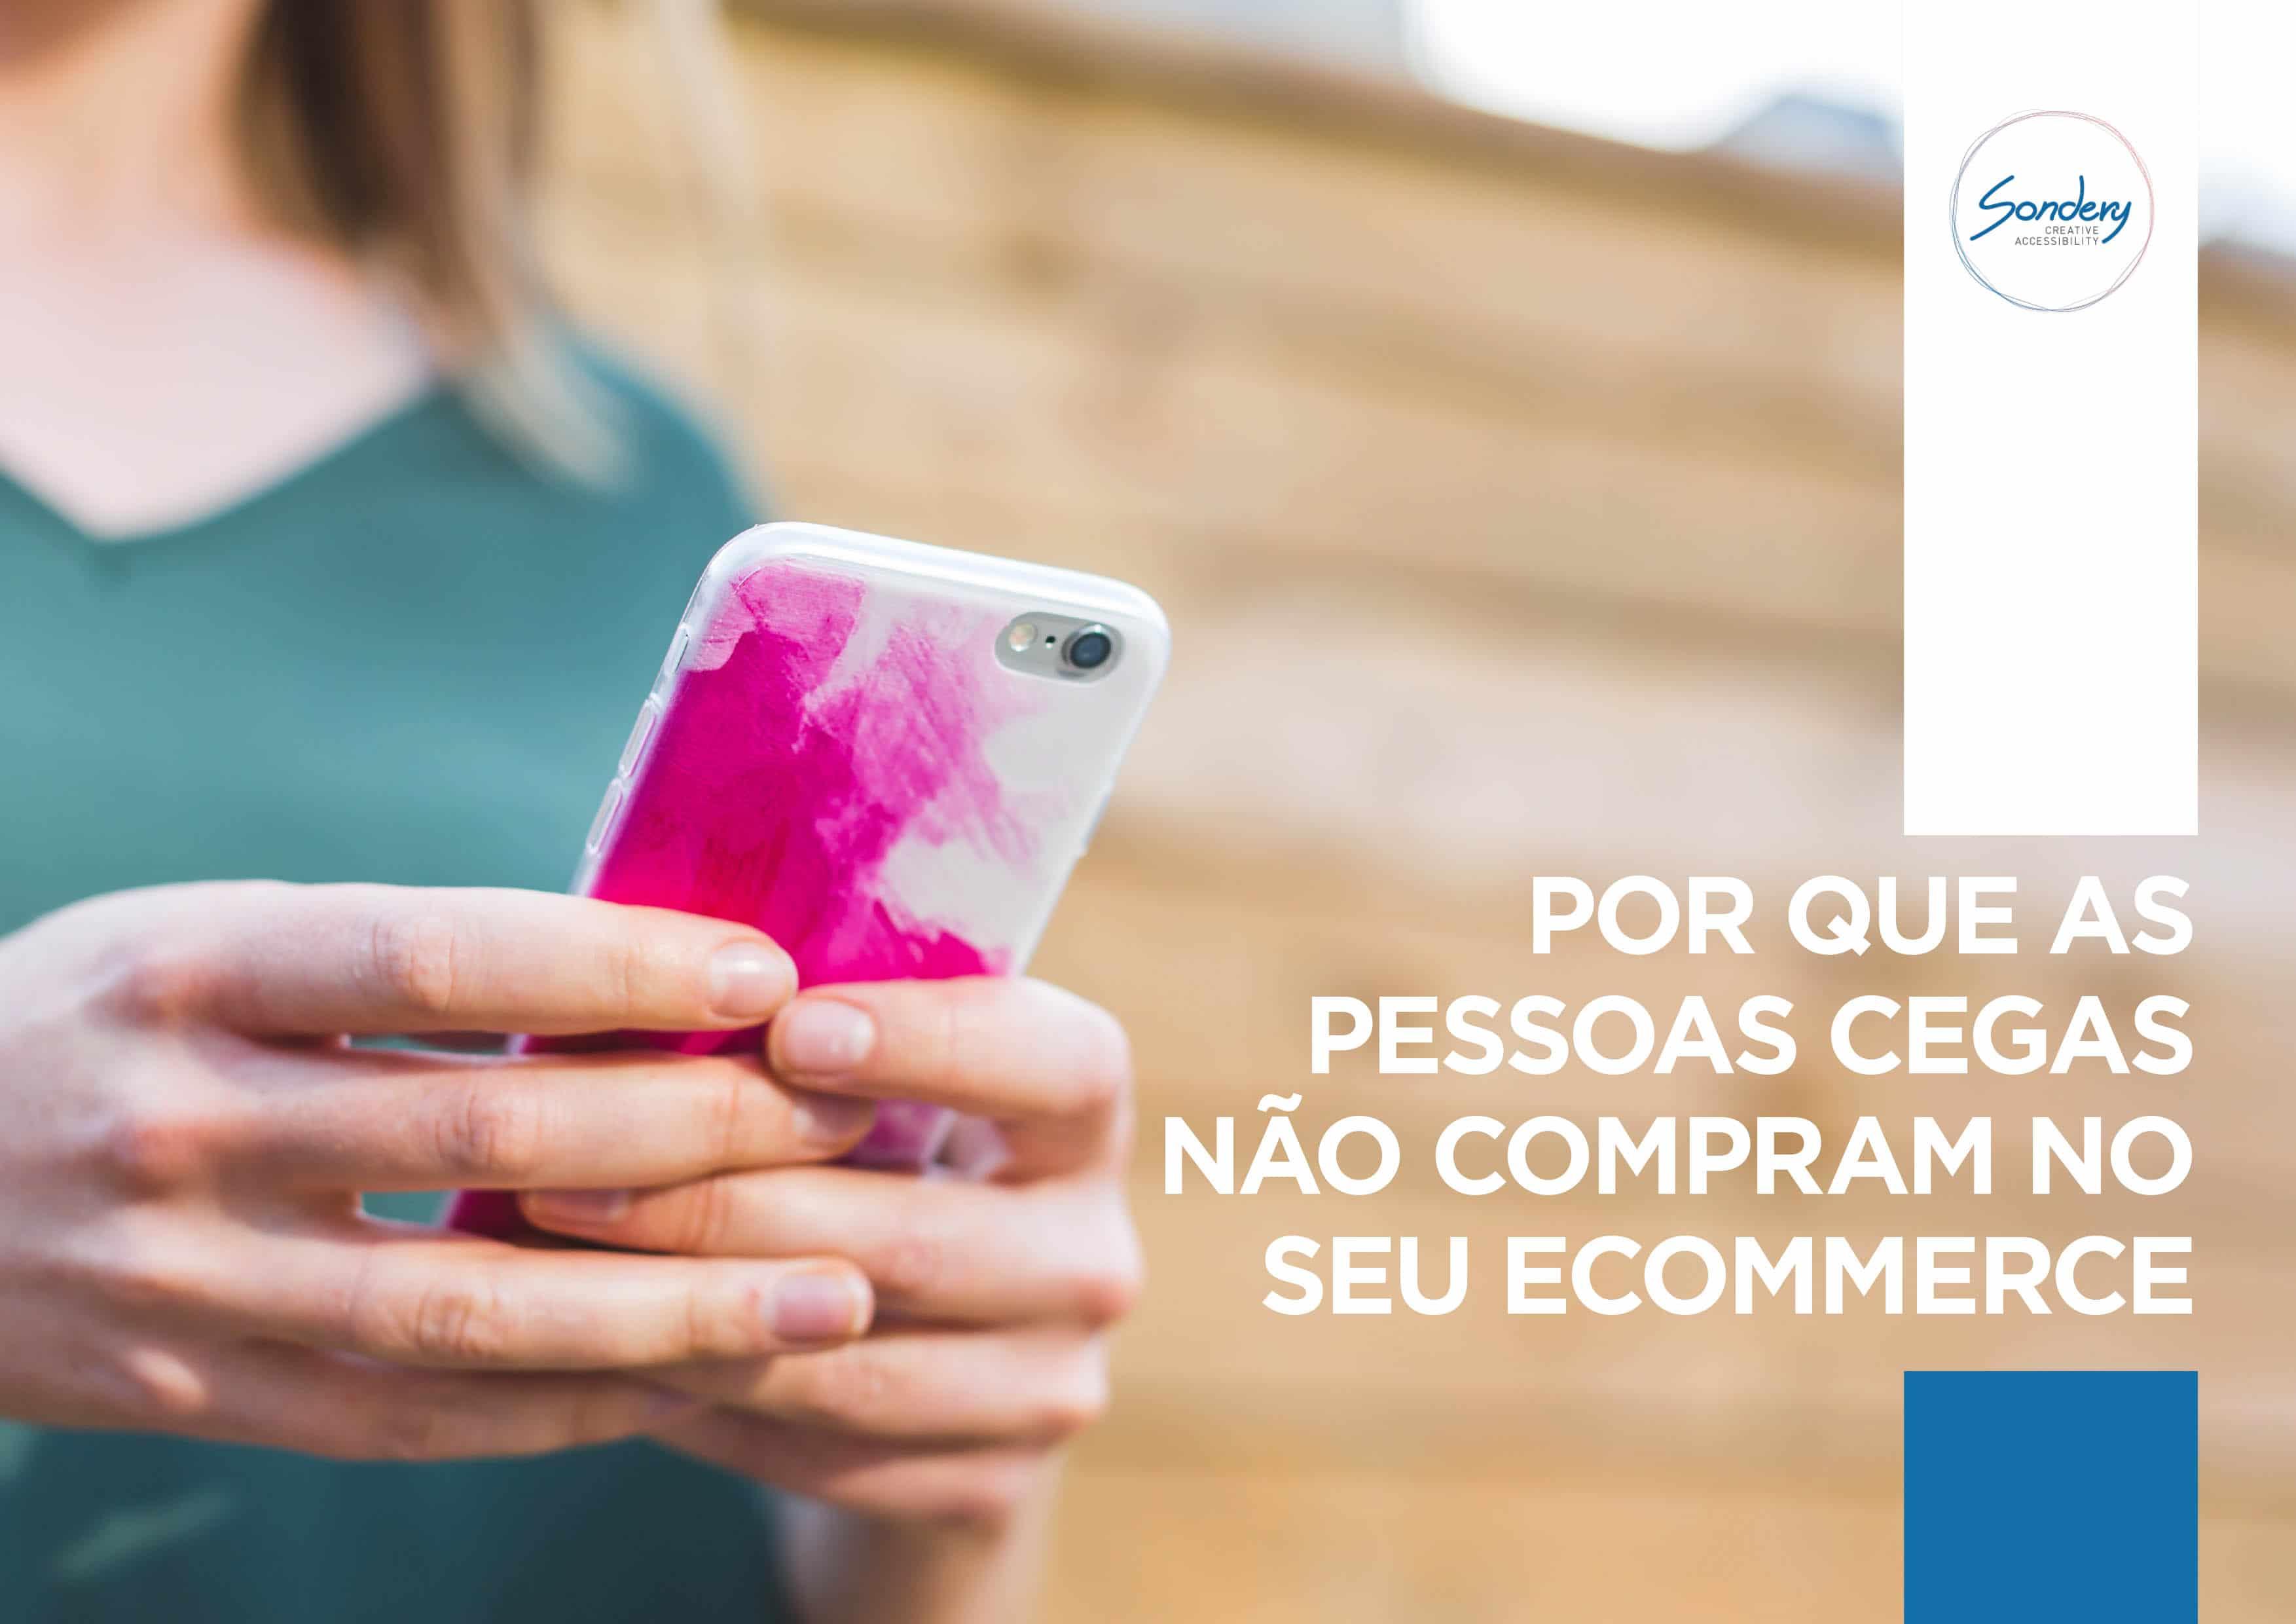 Imagem de uma mulher segurando com as mãos um celular com capa branca e rosa. Ao lado o texto